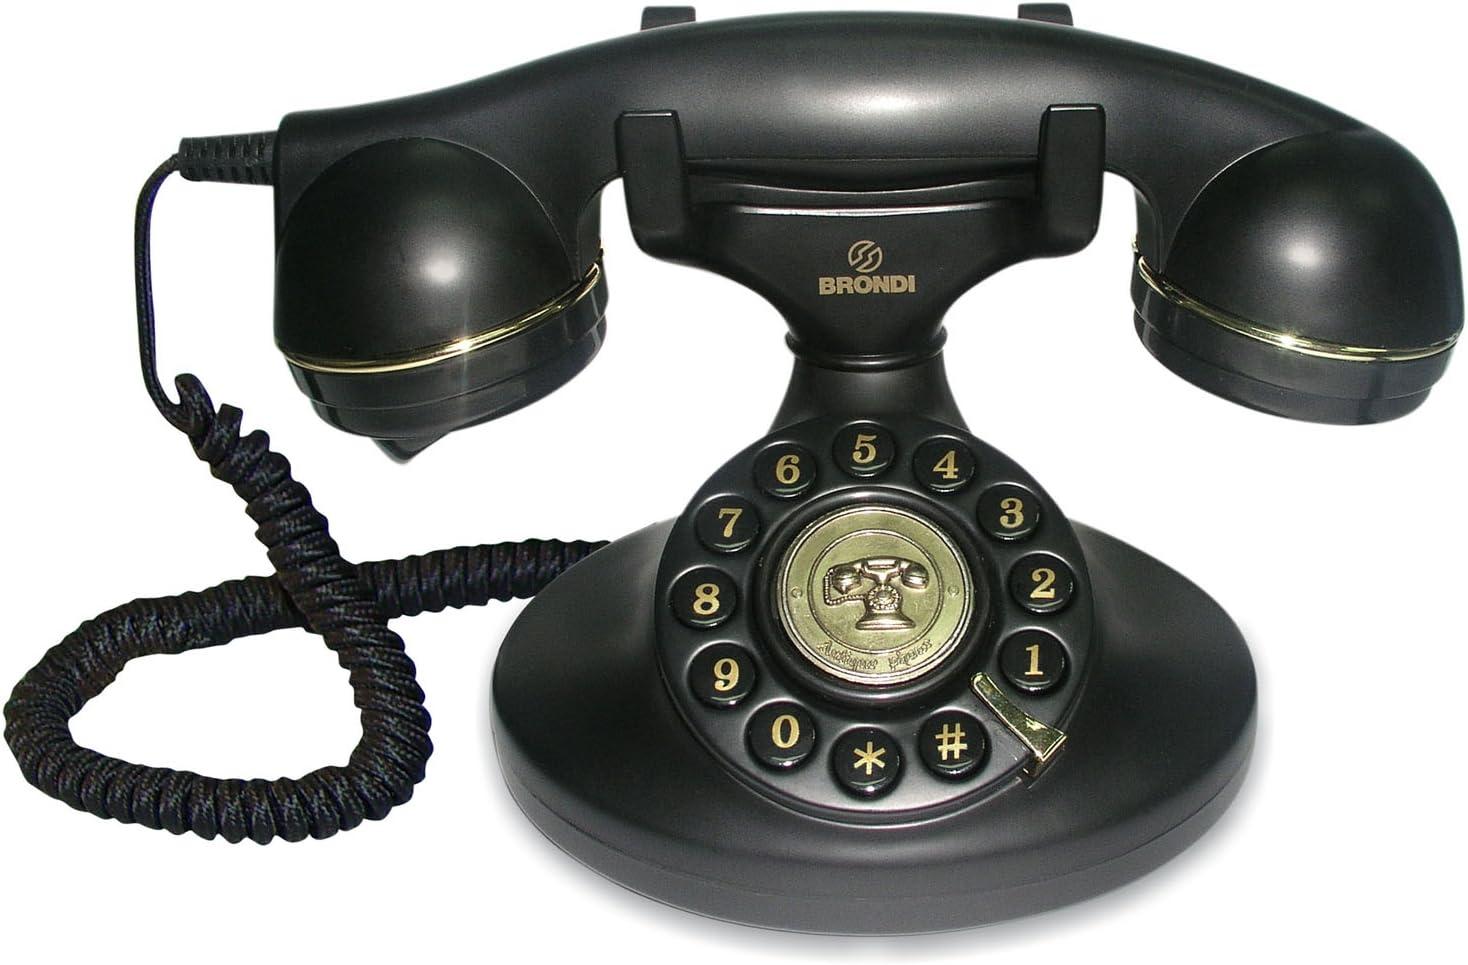 Brondi Vintage 10 - Teléfono fijo analógico, color negro